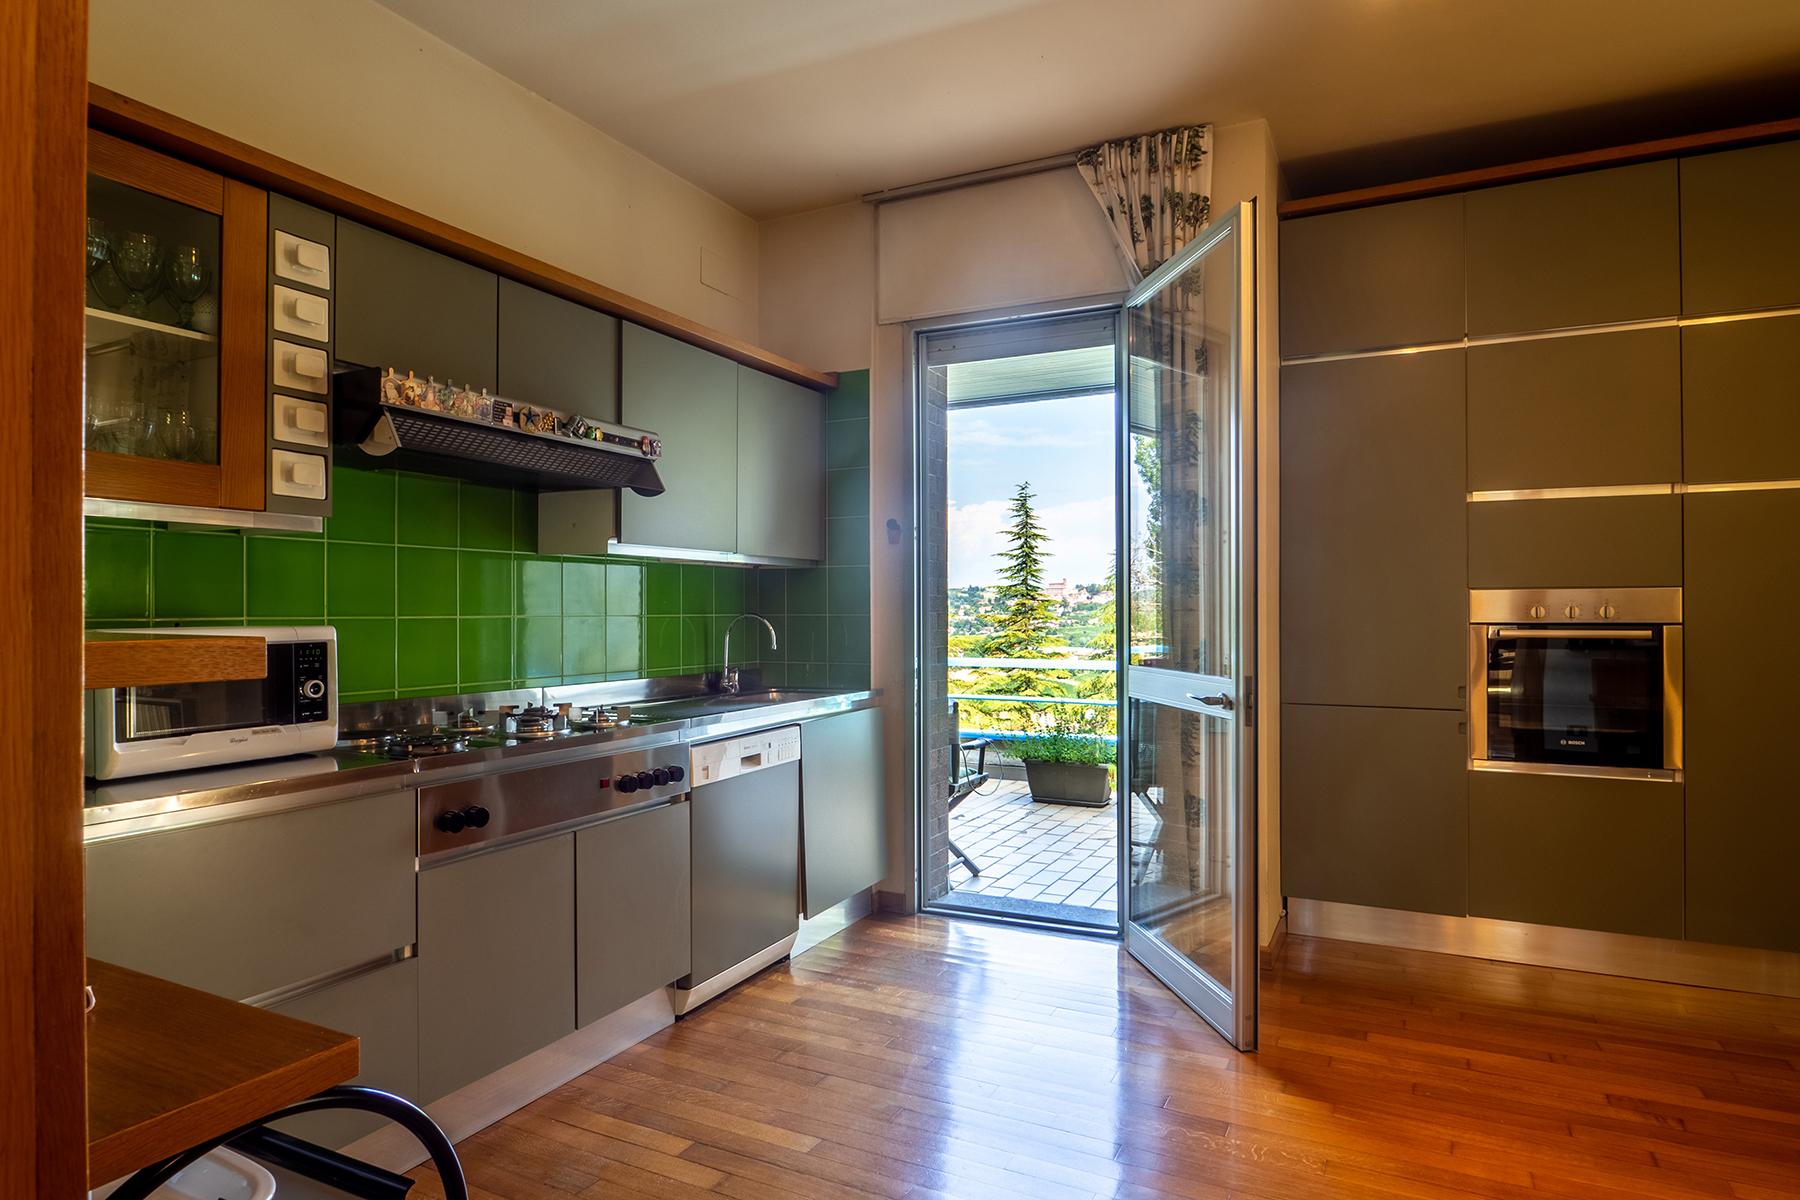 Casa indipendente in Vendita a Rosignano Monferrato: 5 locali, 290 mq - Foto 24